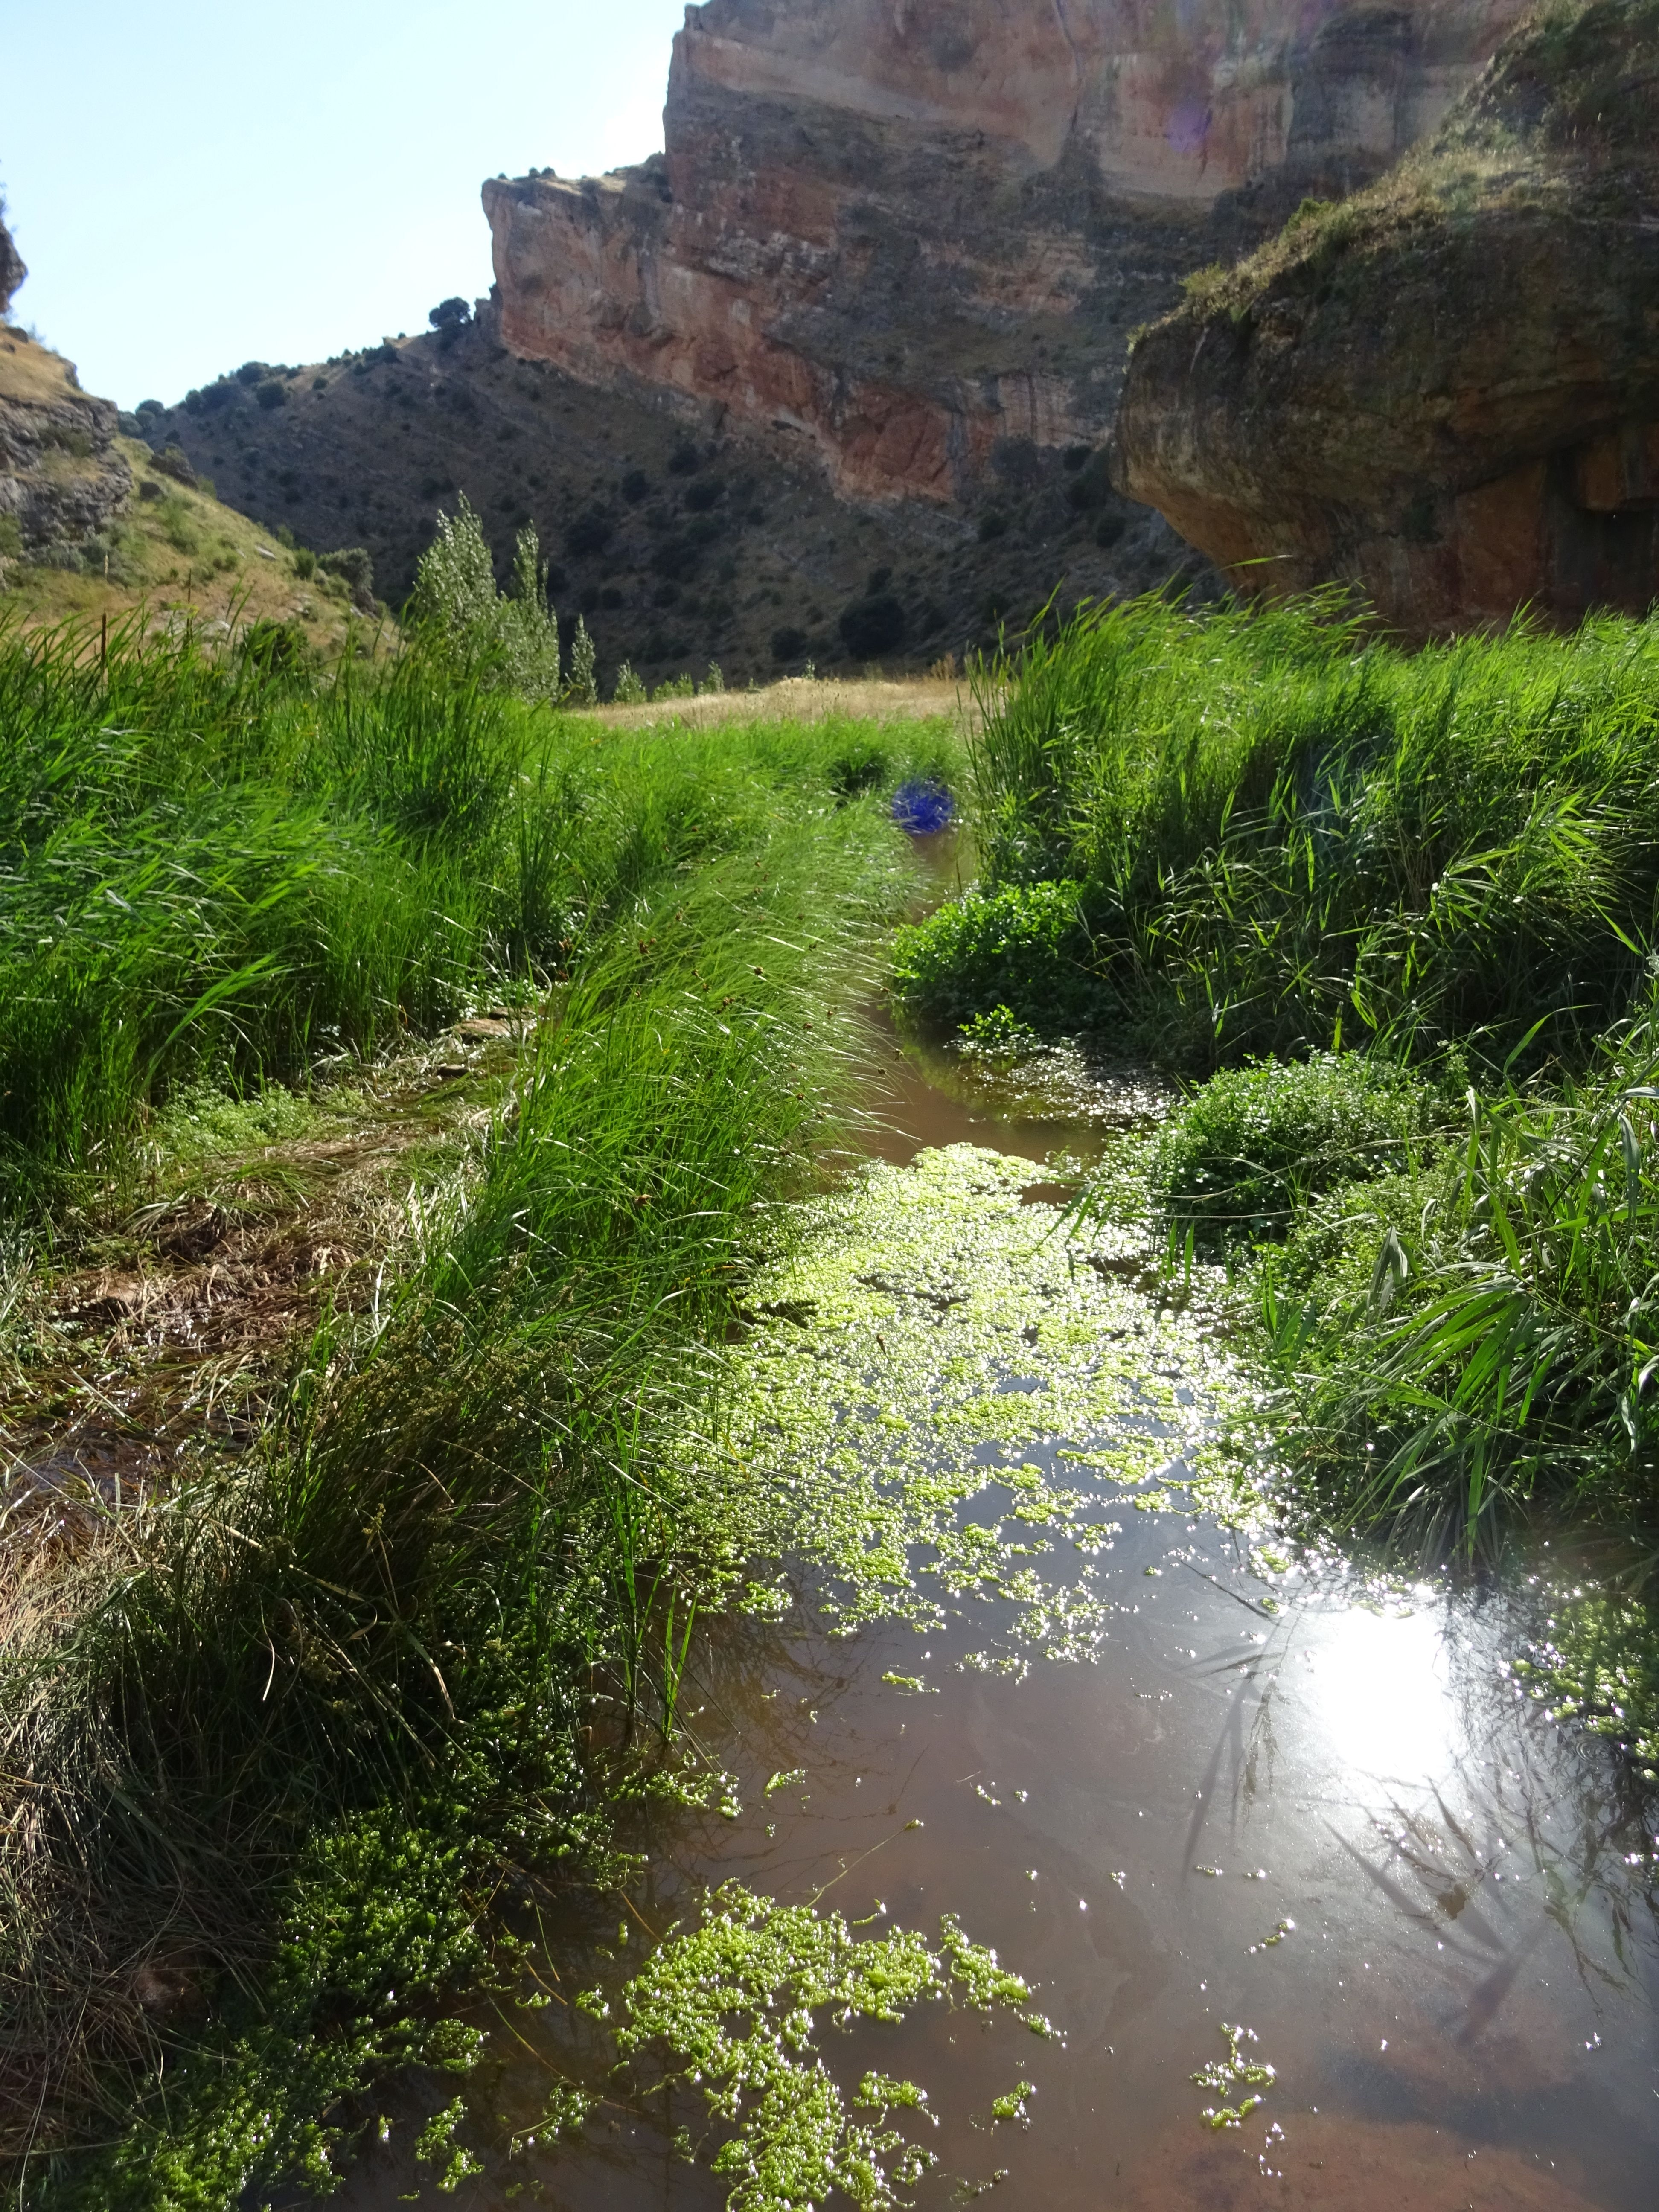 Trozo del río salado lleno de hierbas y maleza que dan cobijo a aves, anfibios y otros animales.